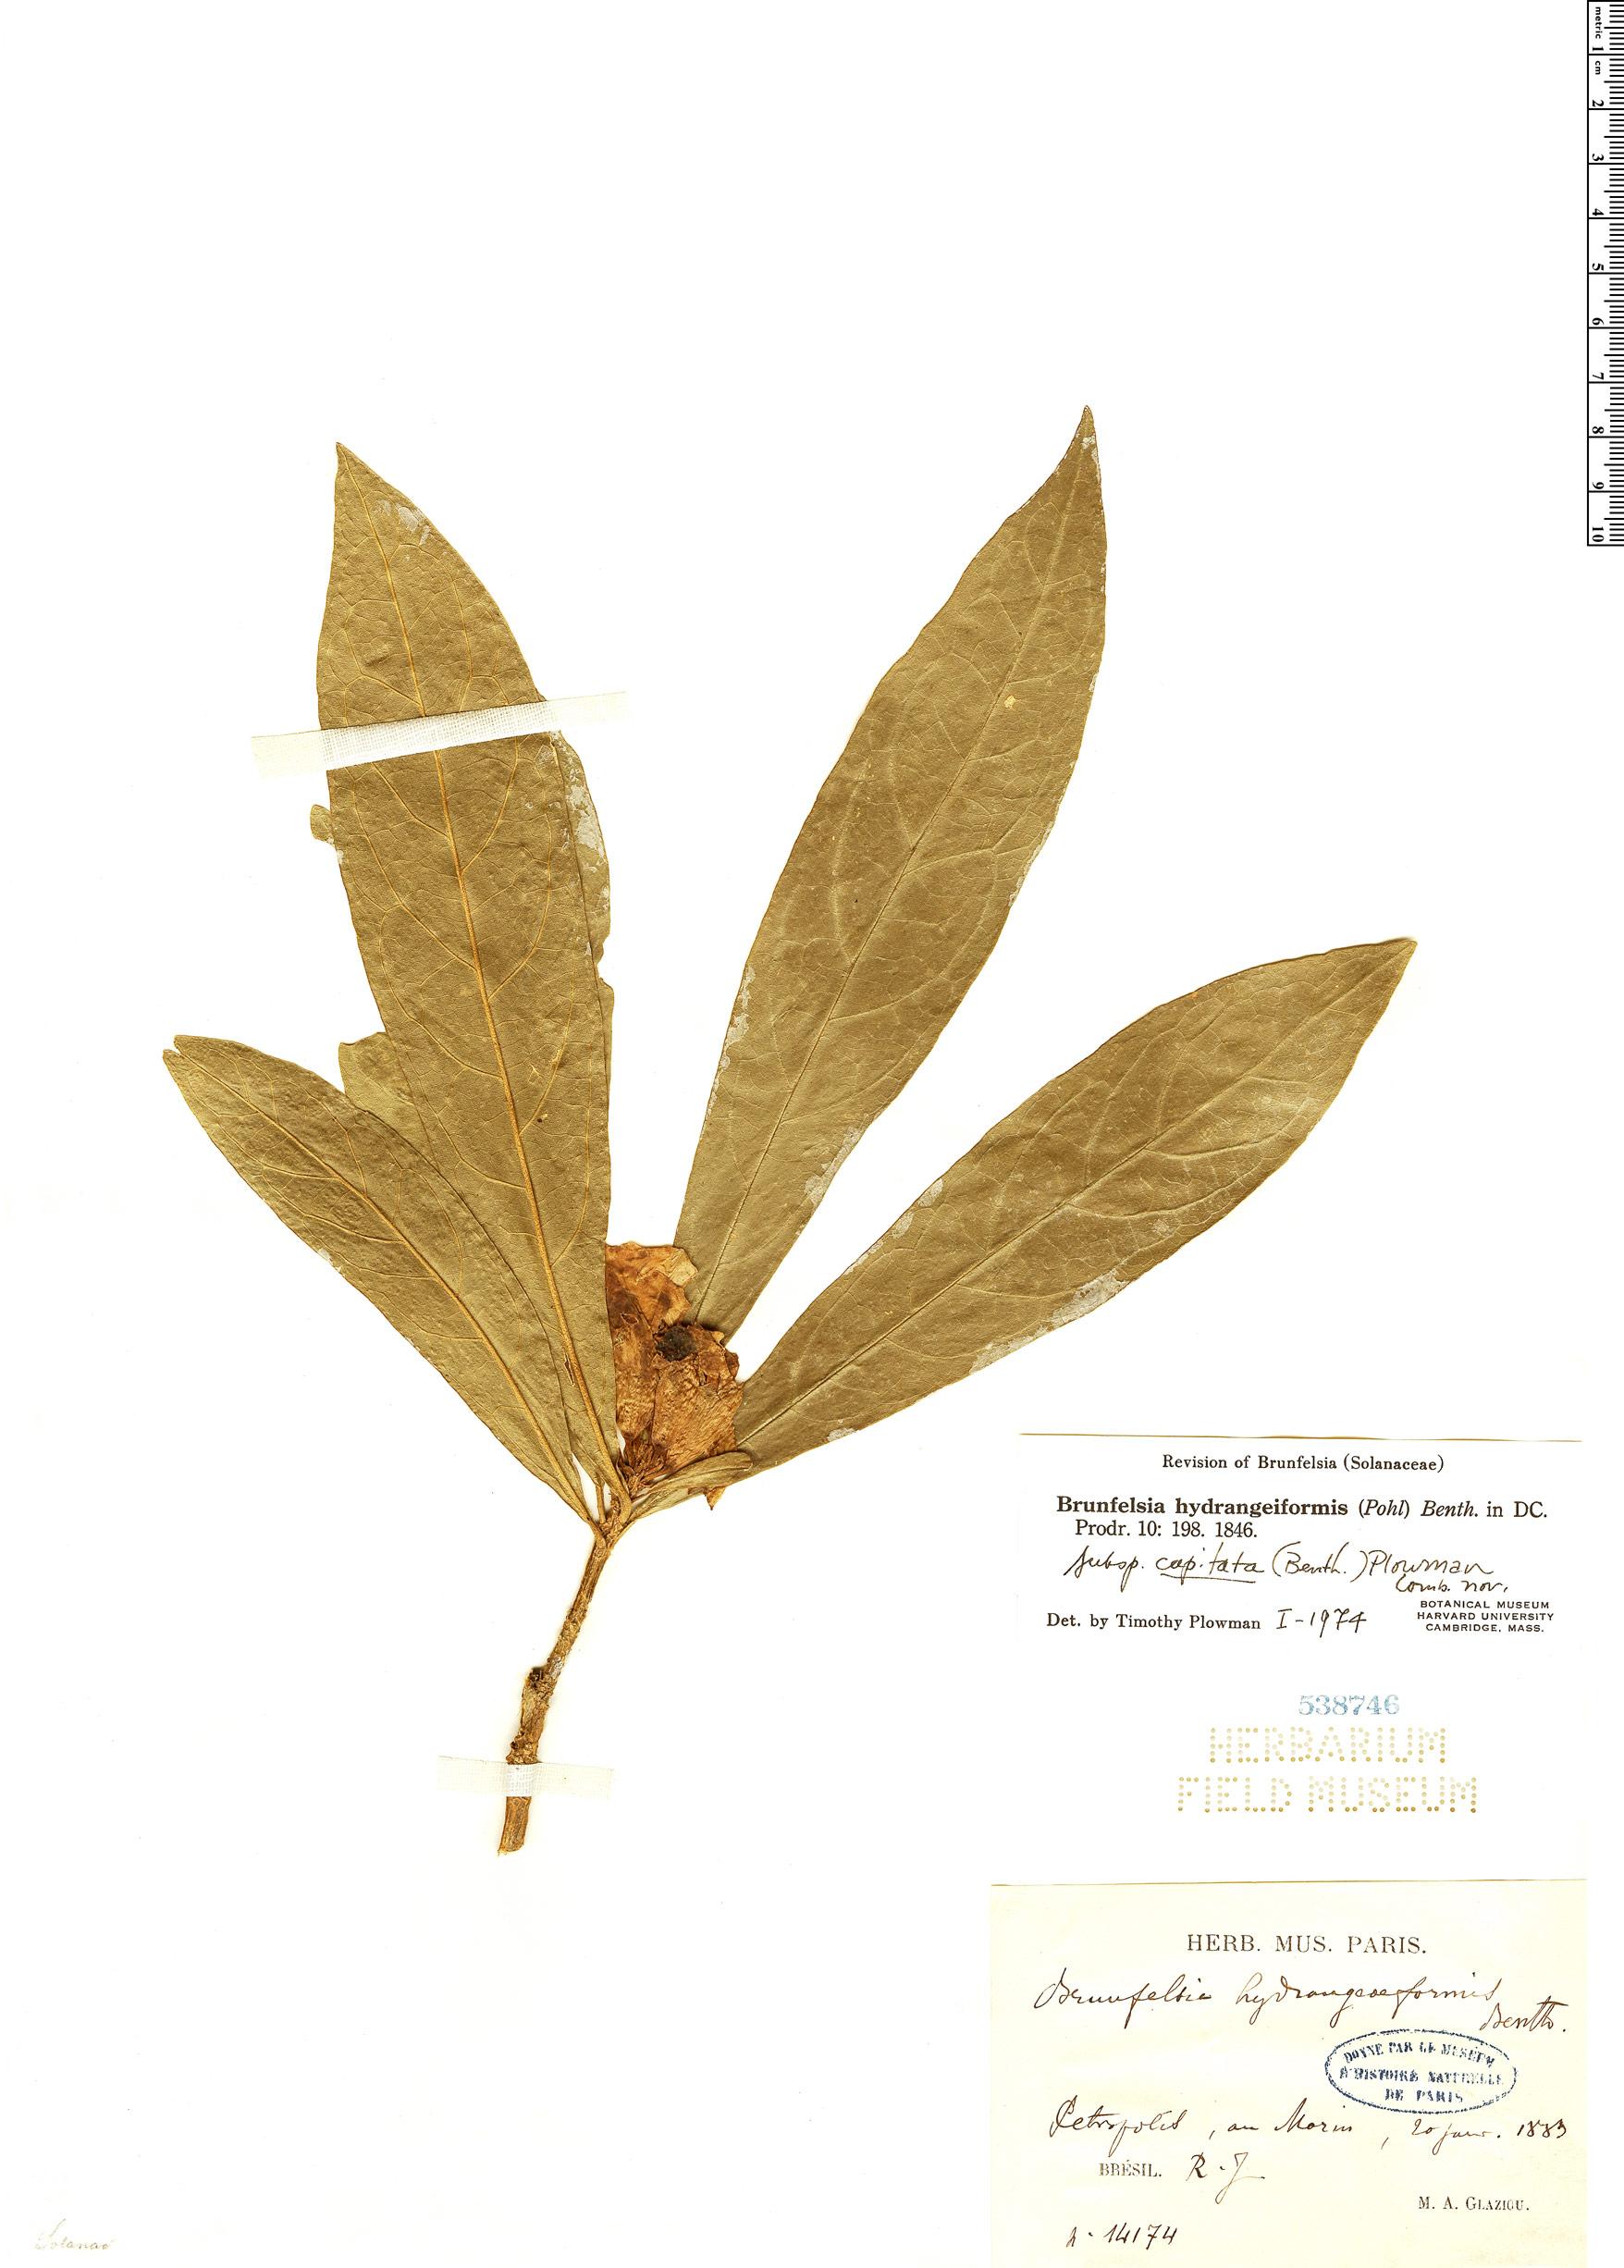 Specimen: Brunfelsia hydrangeiformis